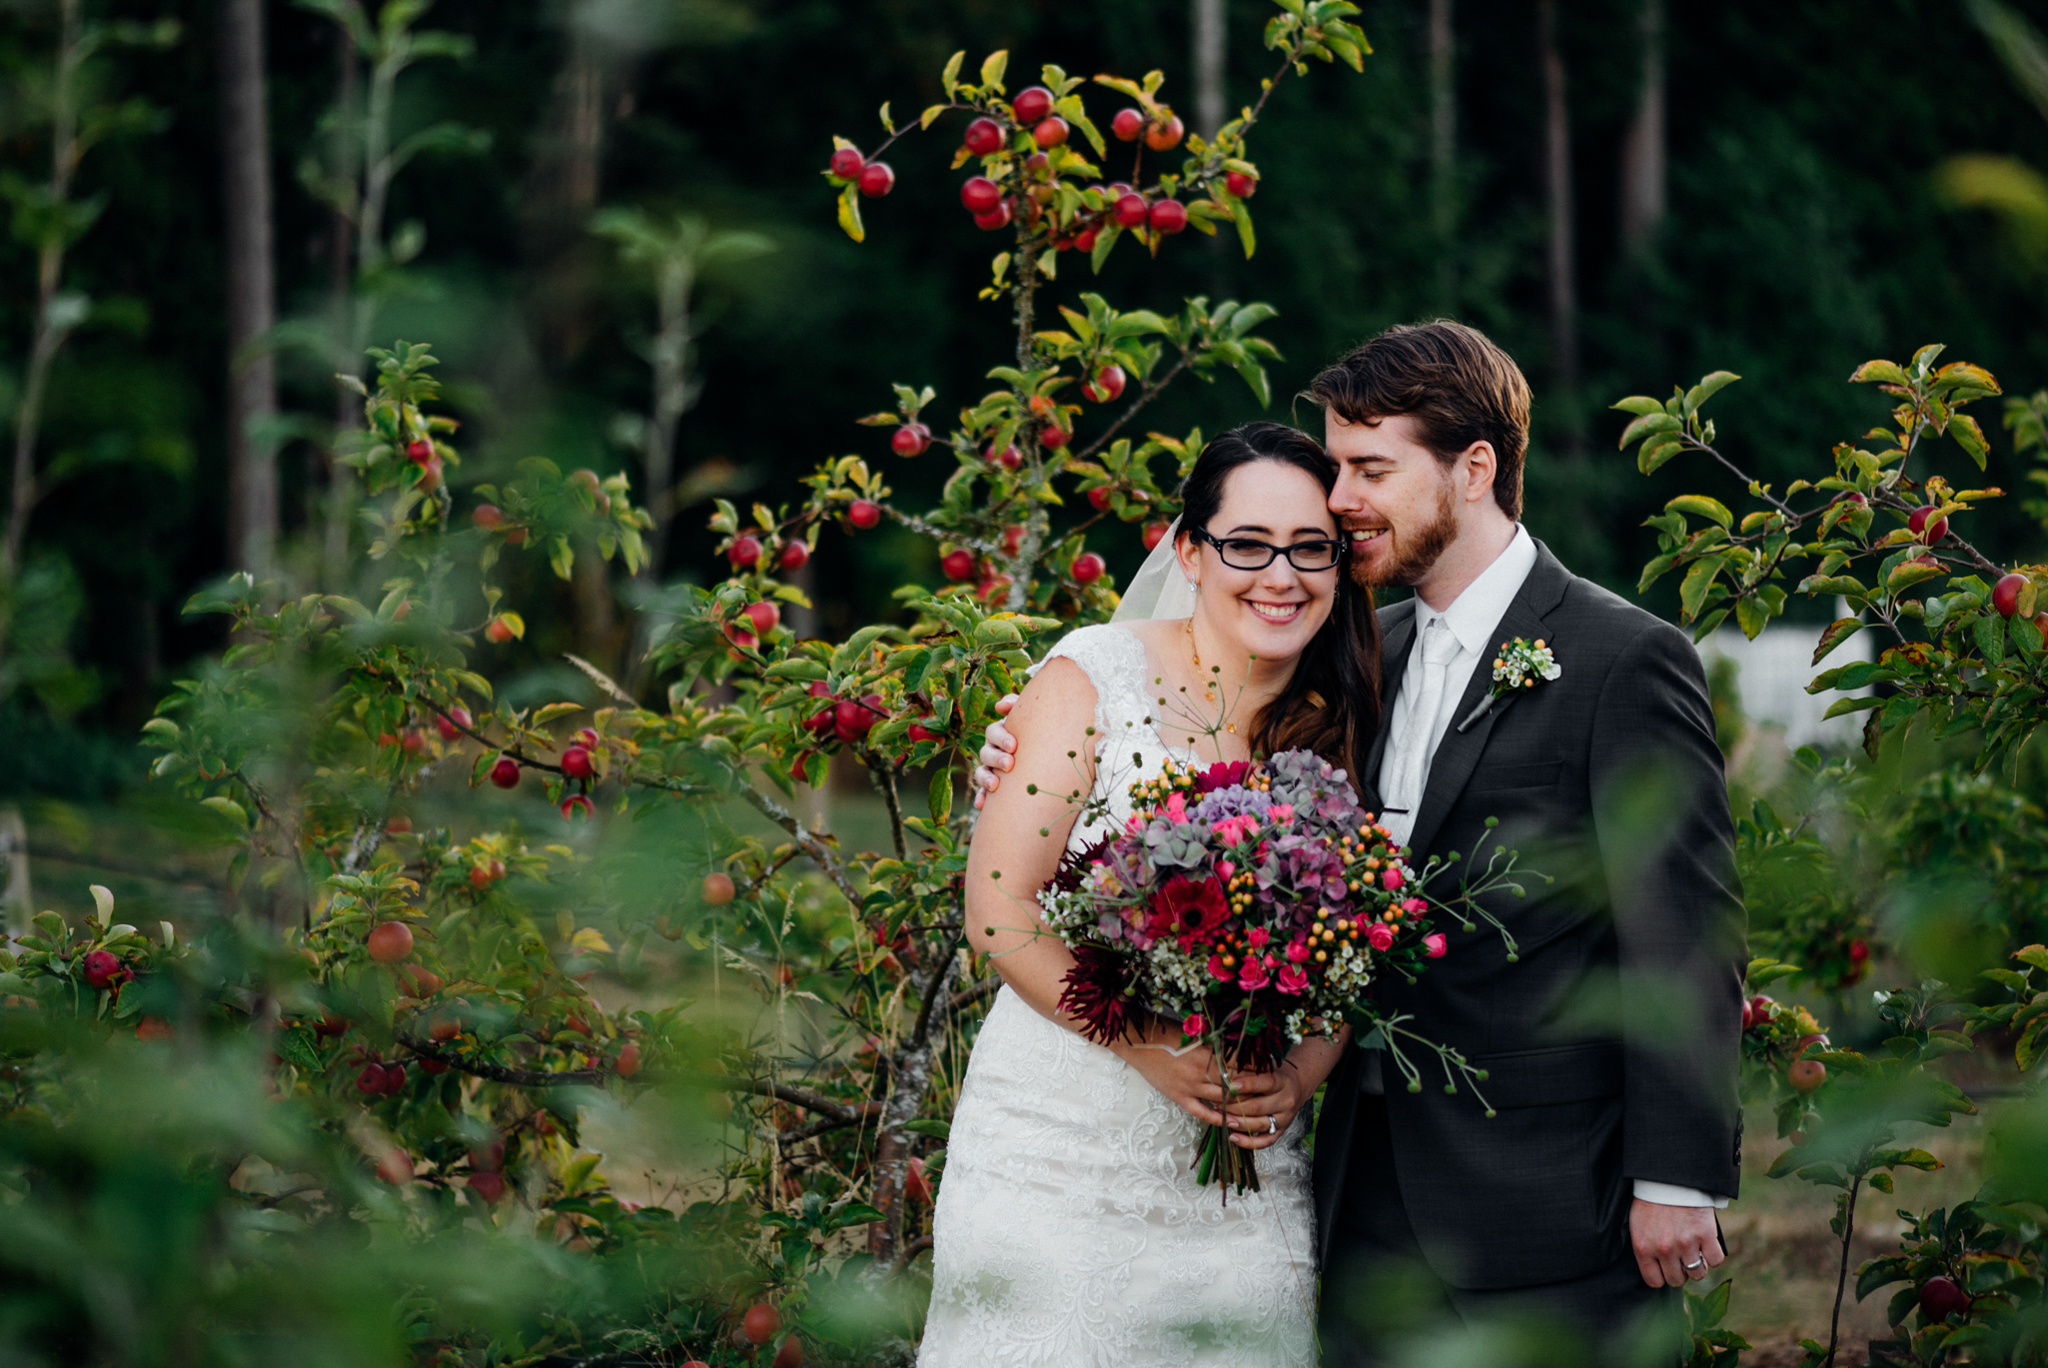 Nicola_Reiersen_Photography_Sea_Cider_Forest_Wedding (102).jpg